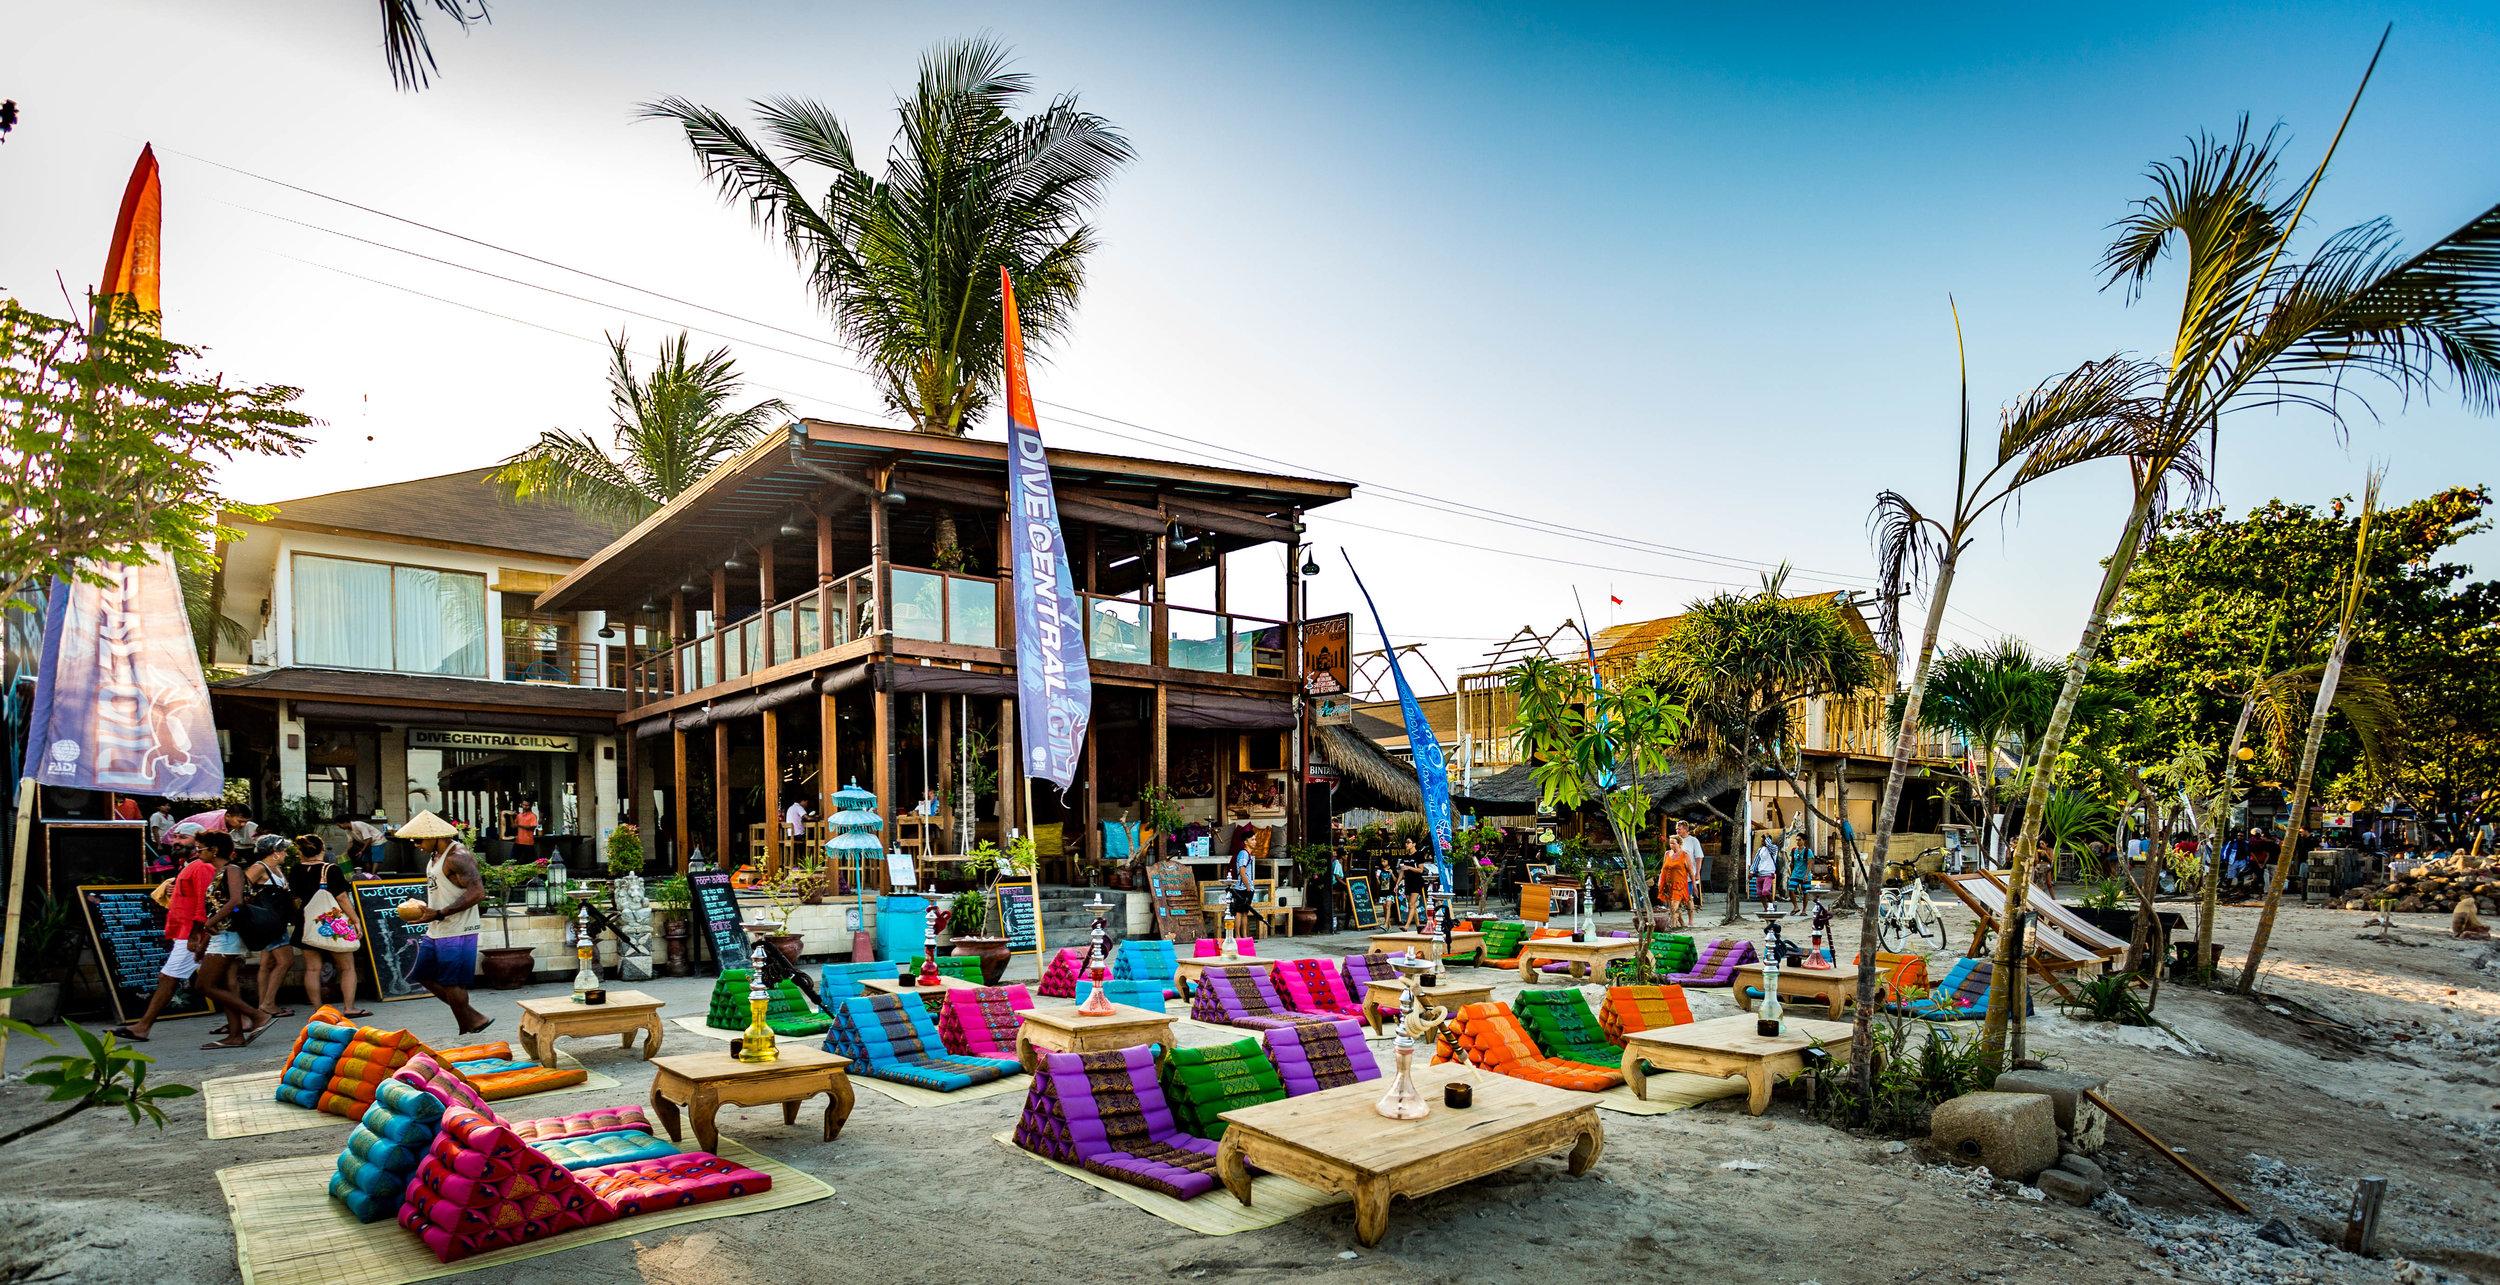 Pesona beach front view.jpg